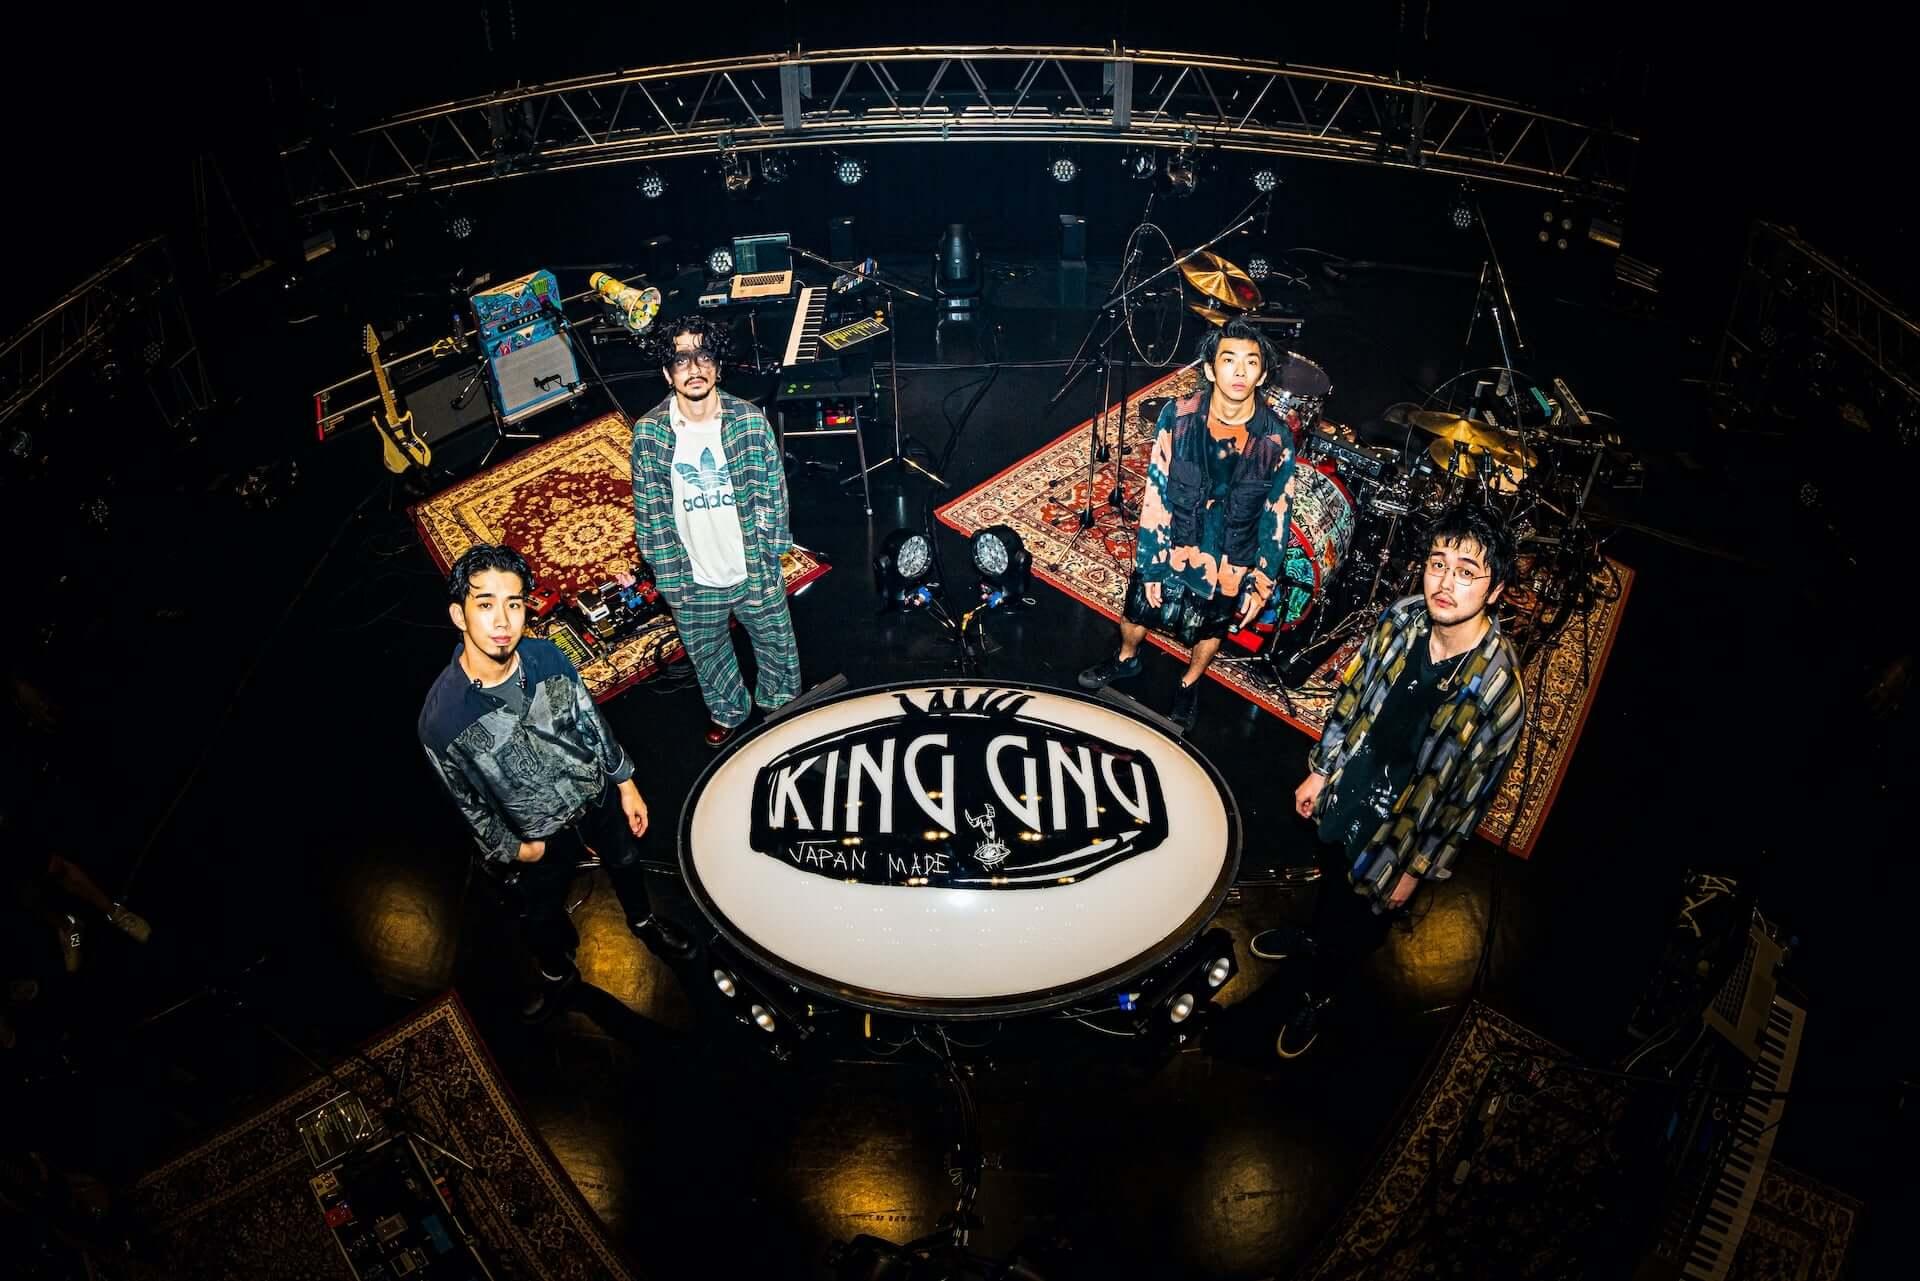 King Gnuがバンド初の配信ライブ<King Gnu Streaming Live>を実施!ライブレポートが到着 music200831_kinggnu-live_14-1920x1281